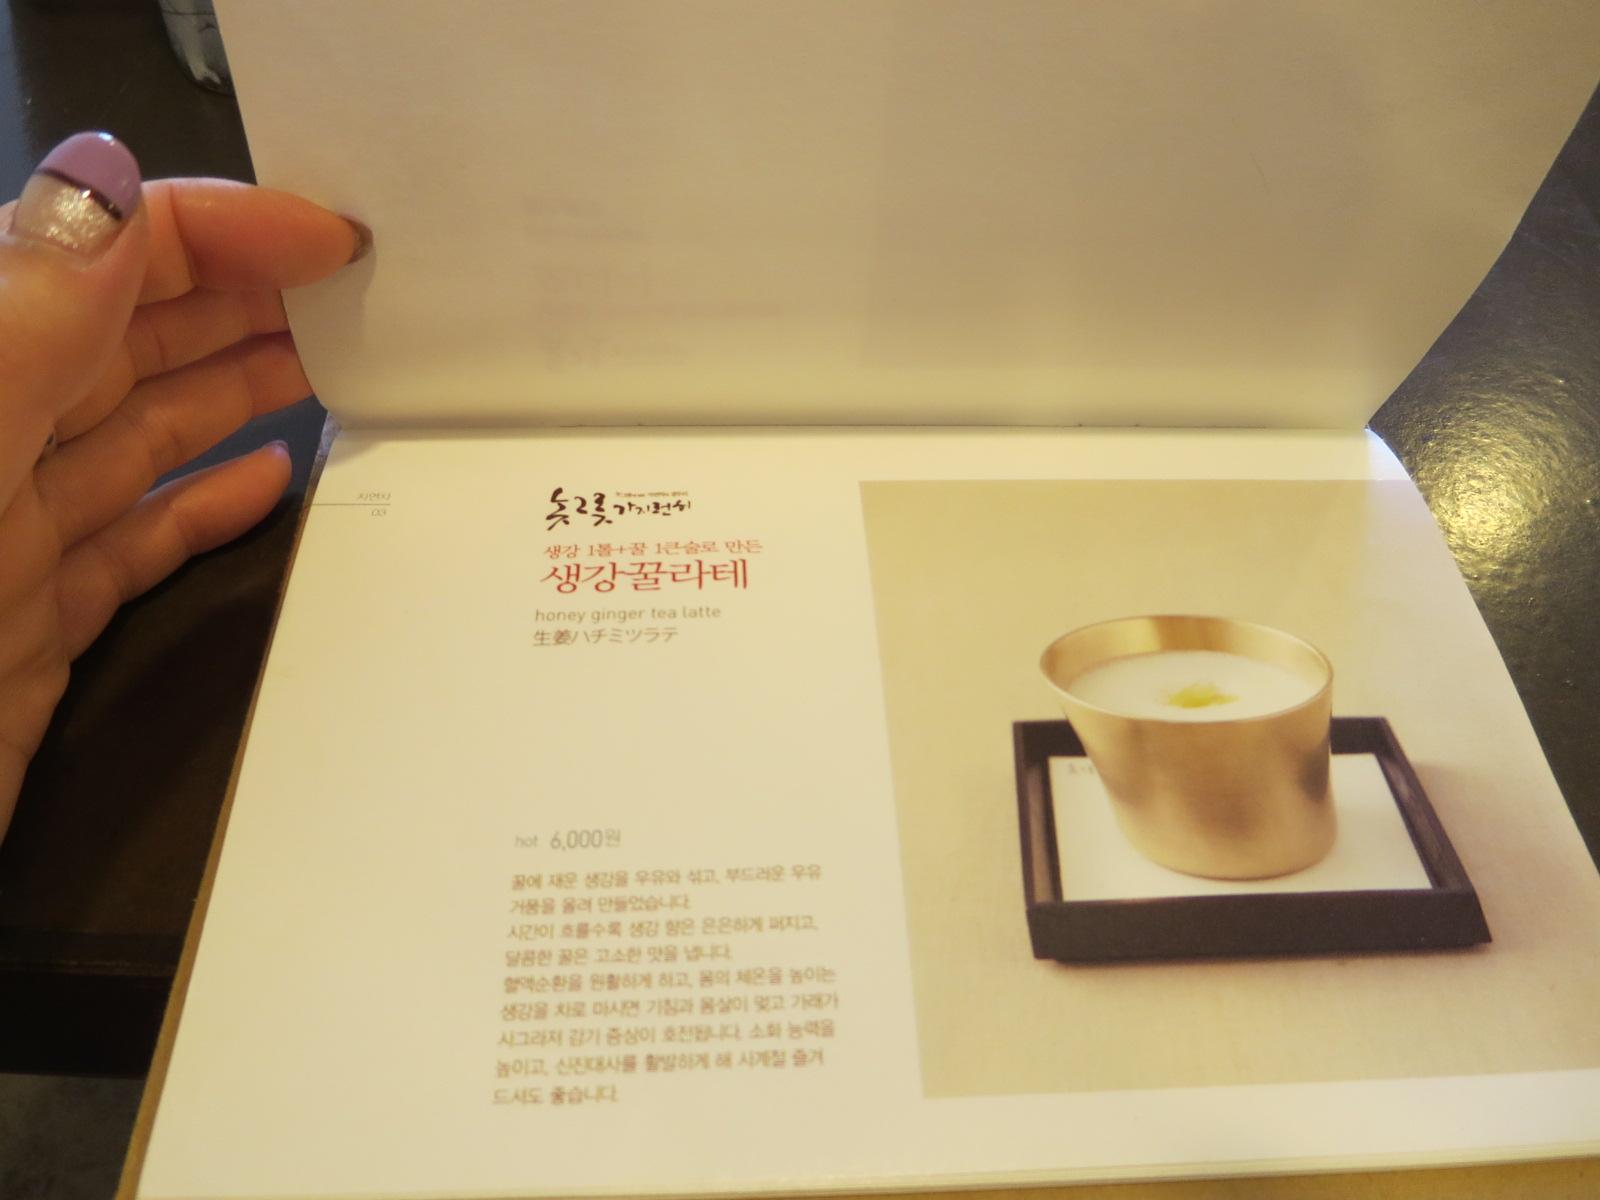 2014秋・ソウル旅 ⑧真鍮の器が素敵なノックルッカジロ二❤_f0236260_14462288.jpg